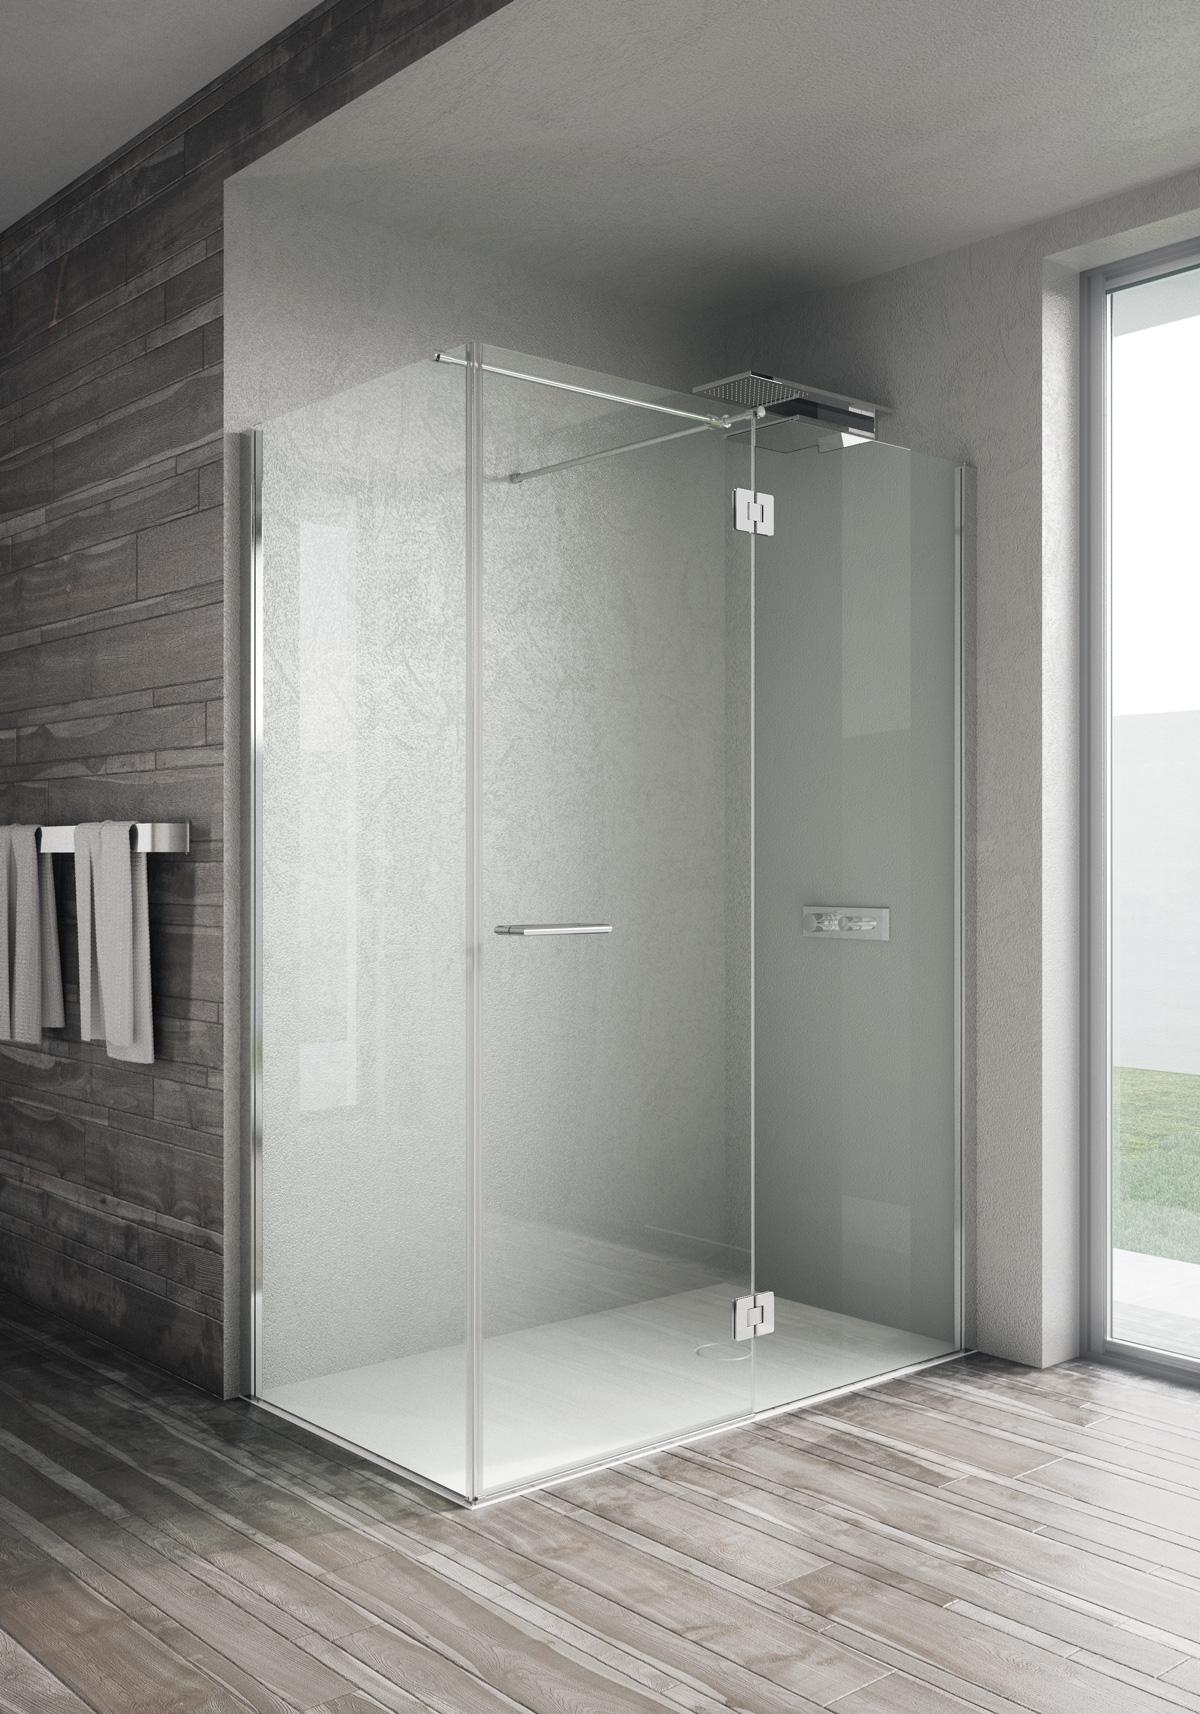 Come pulire il box doccia: prodotti e consigli utili - Ideagroup Blog